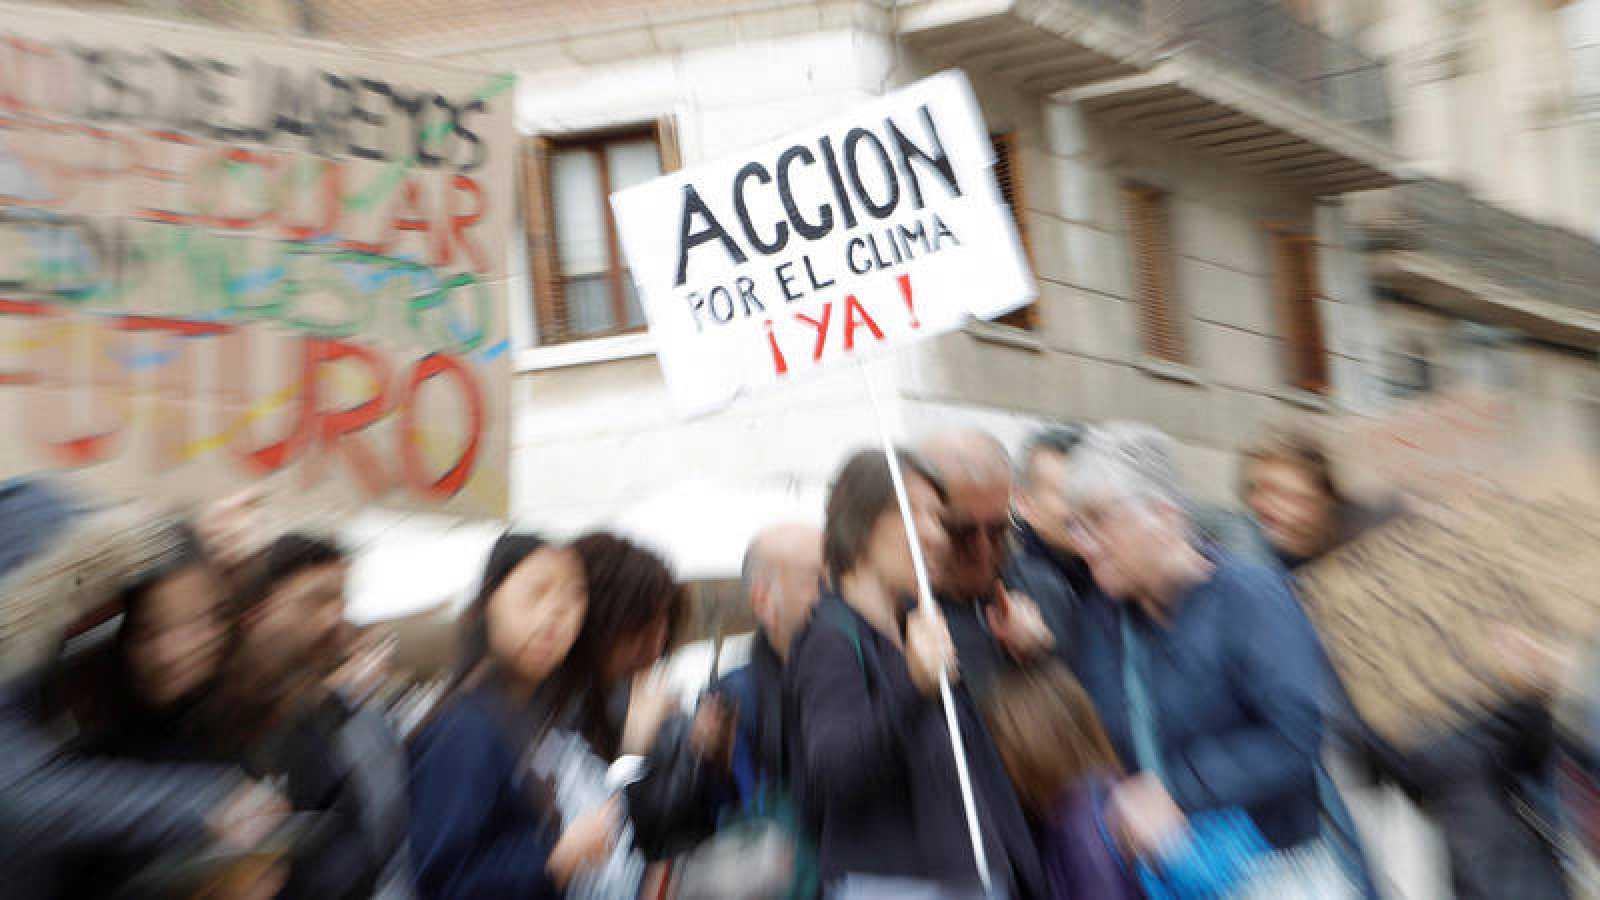 Diferentes colectivos, organizaciones no gubernamentales y movimientos sociales piden que se actúe urgentemente contra el cambio climático.